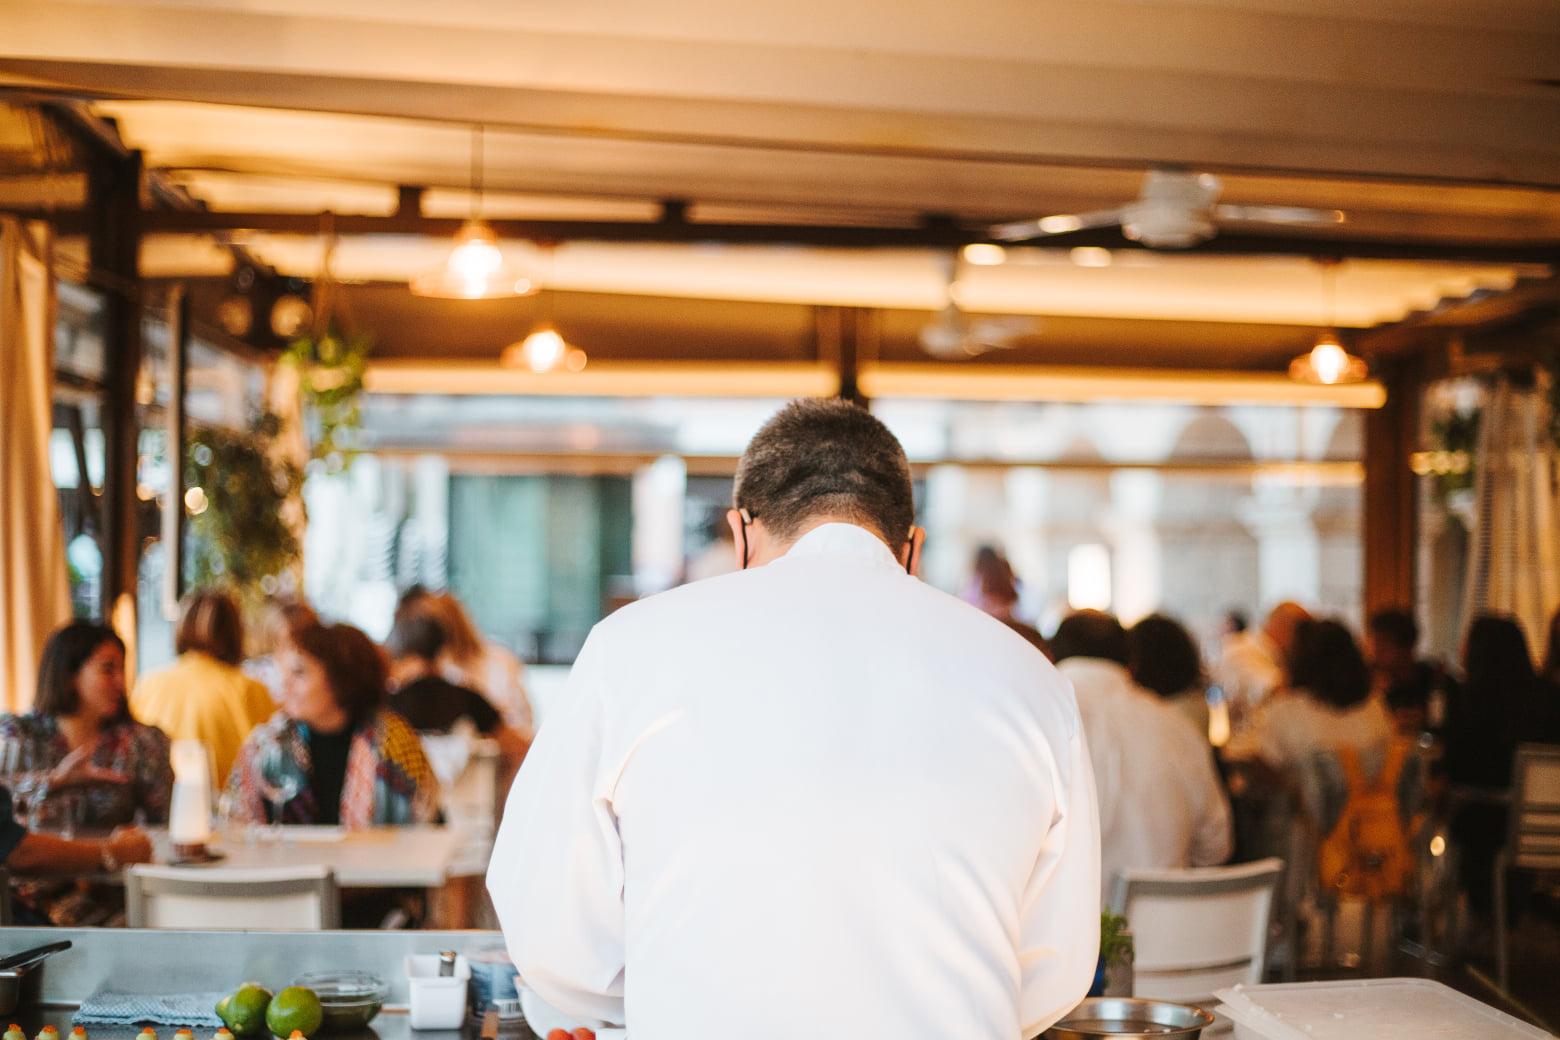 La noche de cocina Nikkei en el restaurante La Violeta, un evento culinario de primer nivel 29